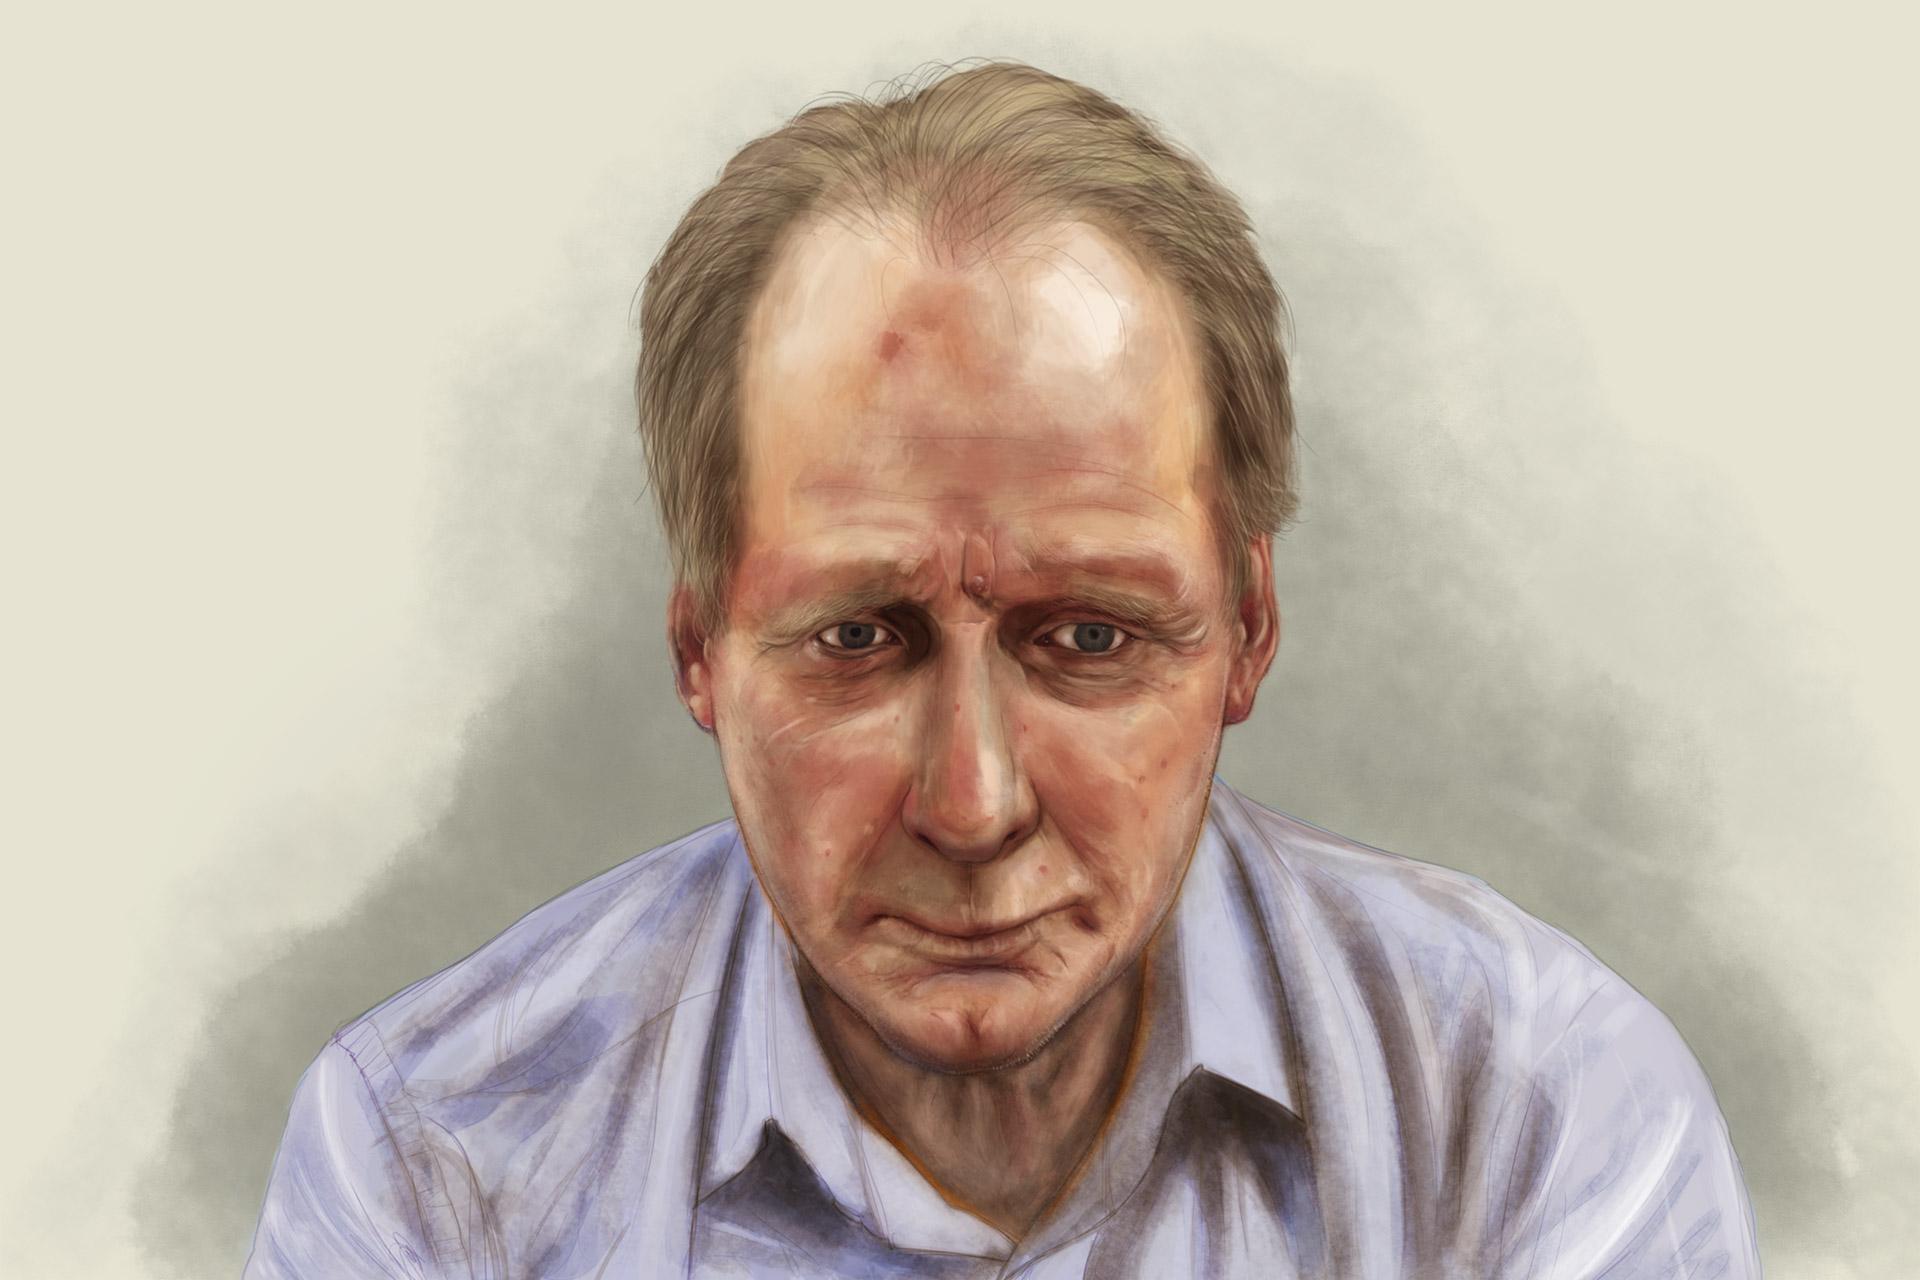 David Szach